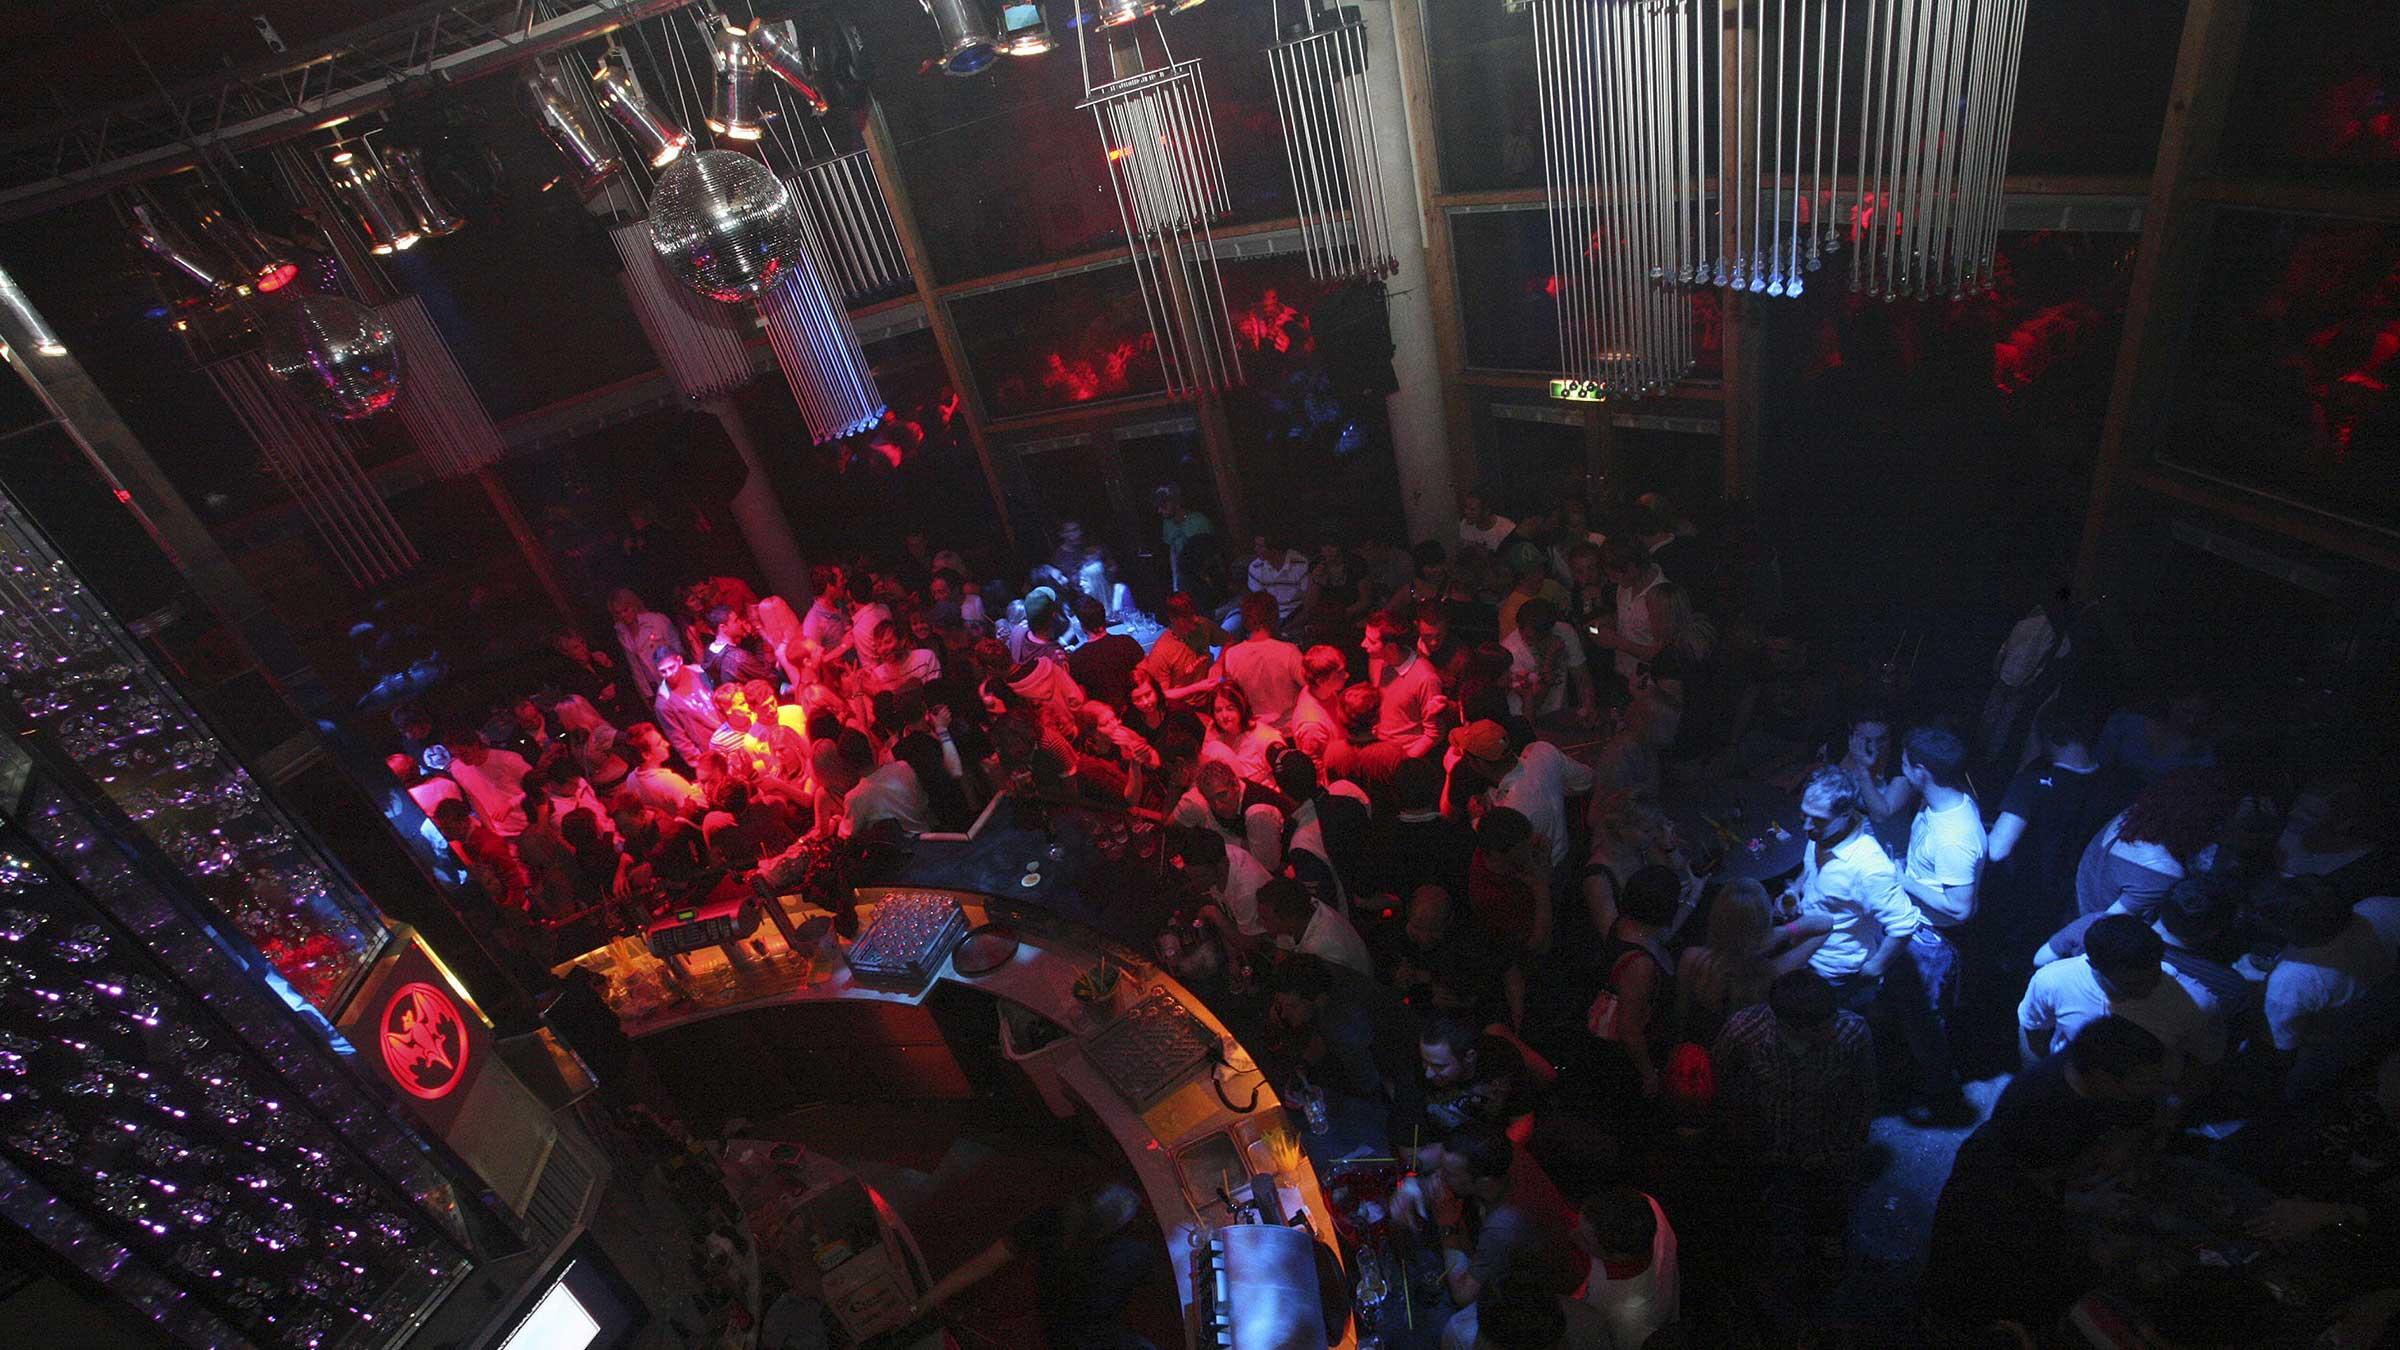 Nightlife in Sölden - EMF Pre-Silvester Party Sölden